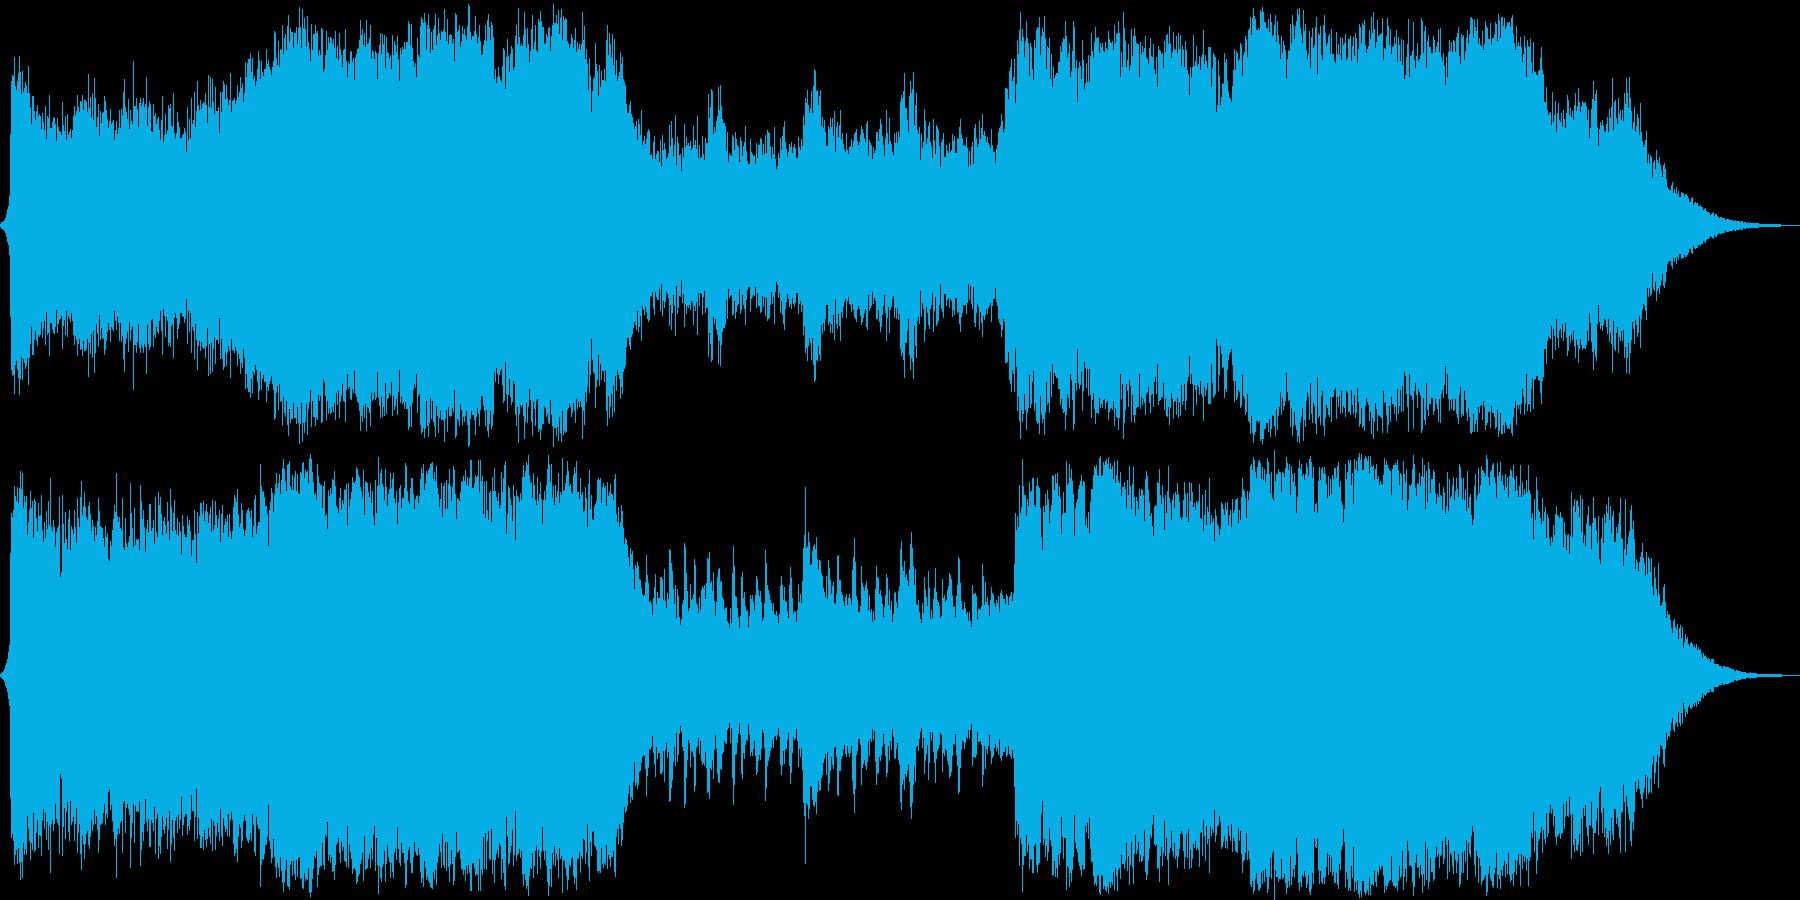 イベントシーン オーケストラの再生済みの波形